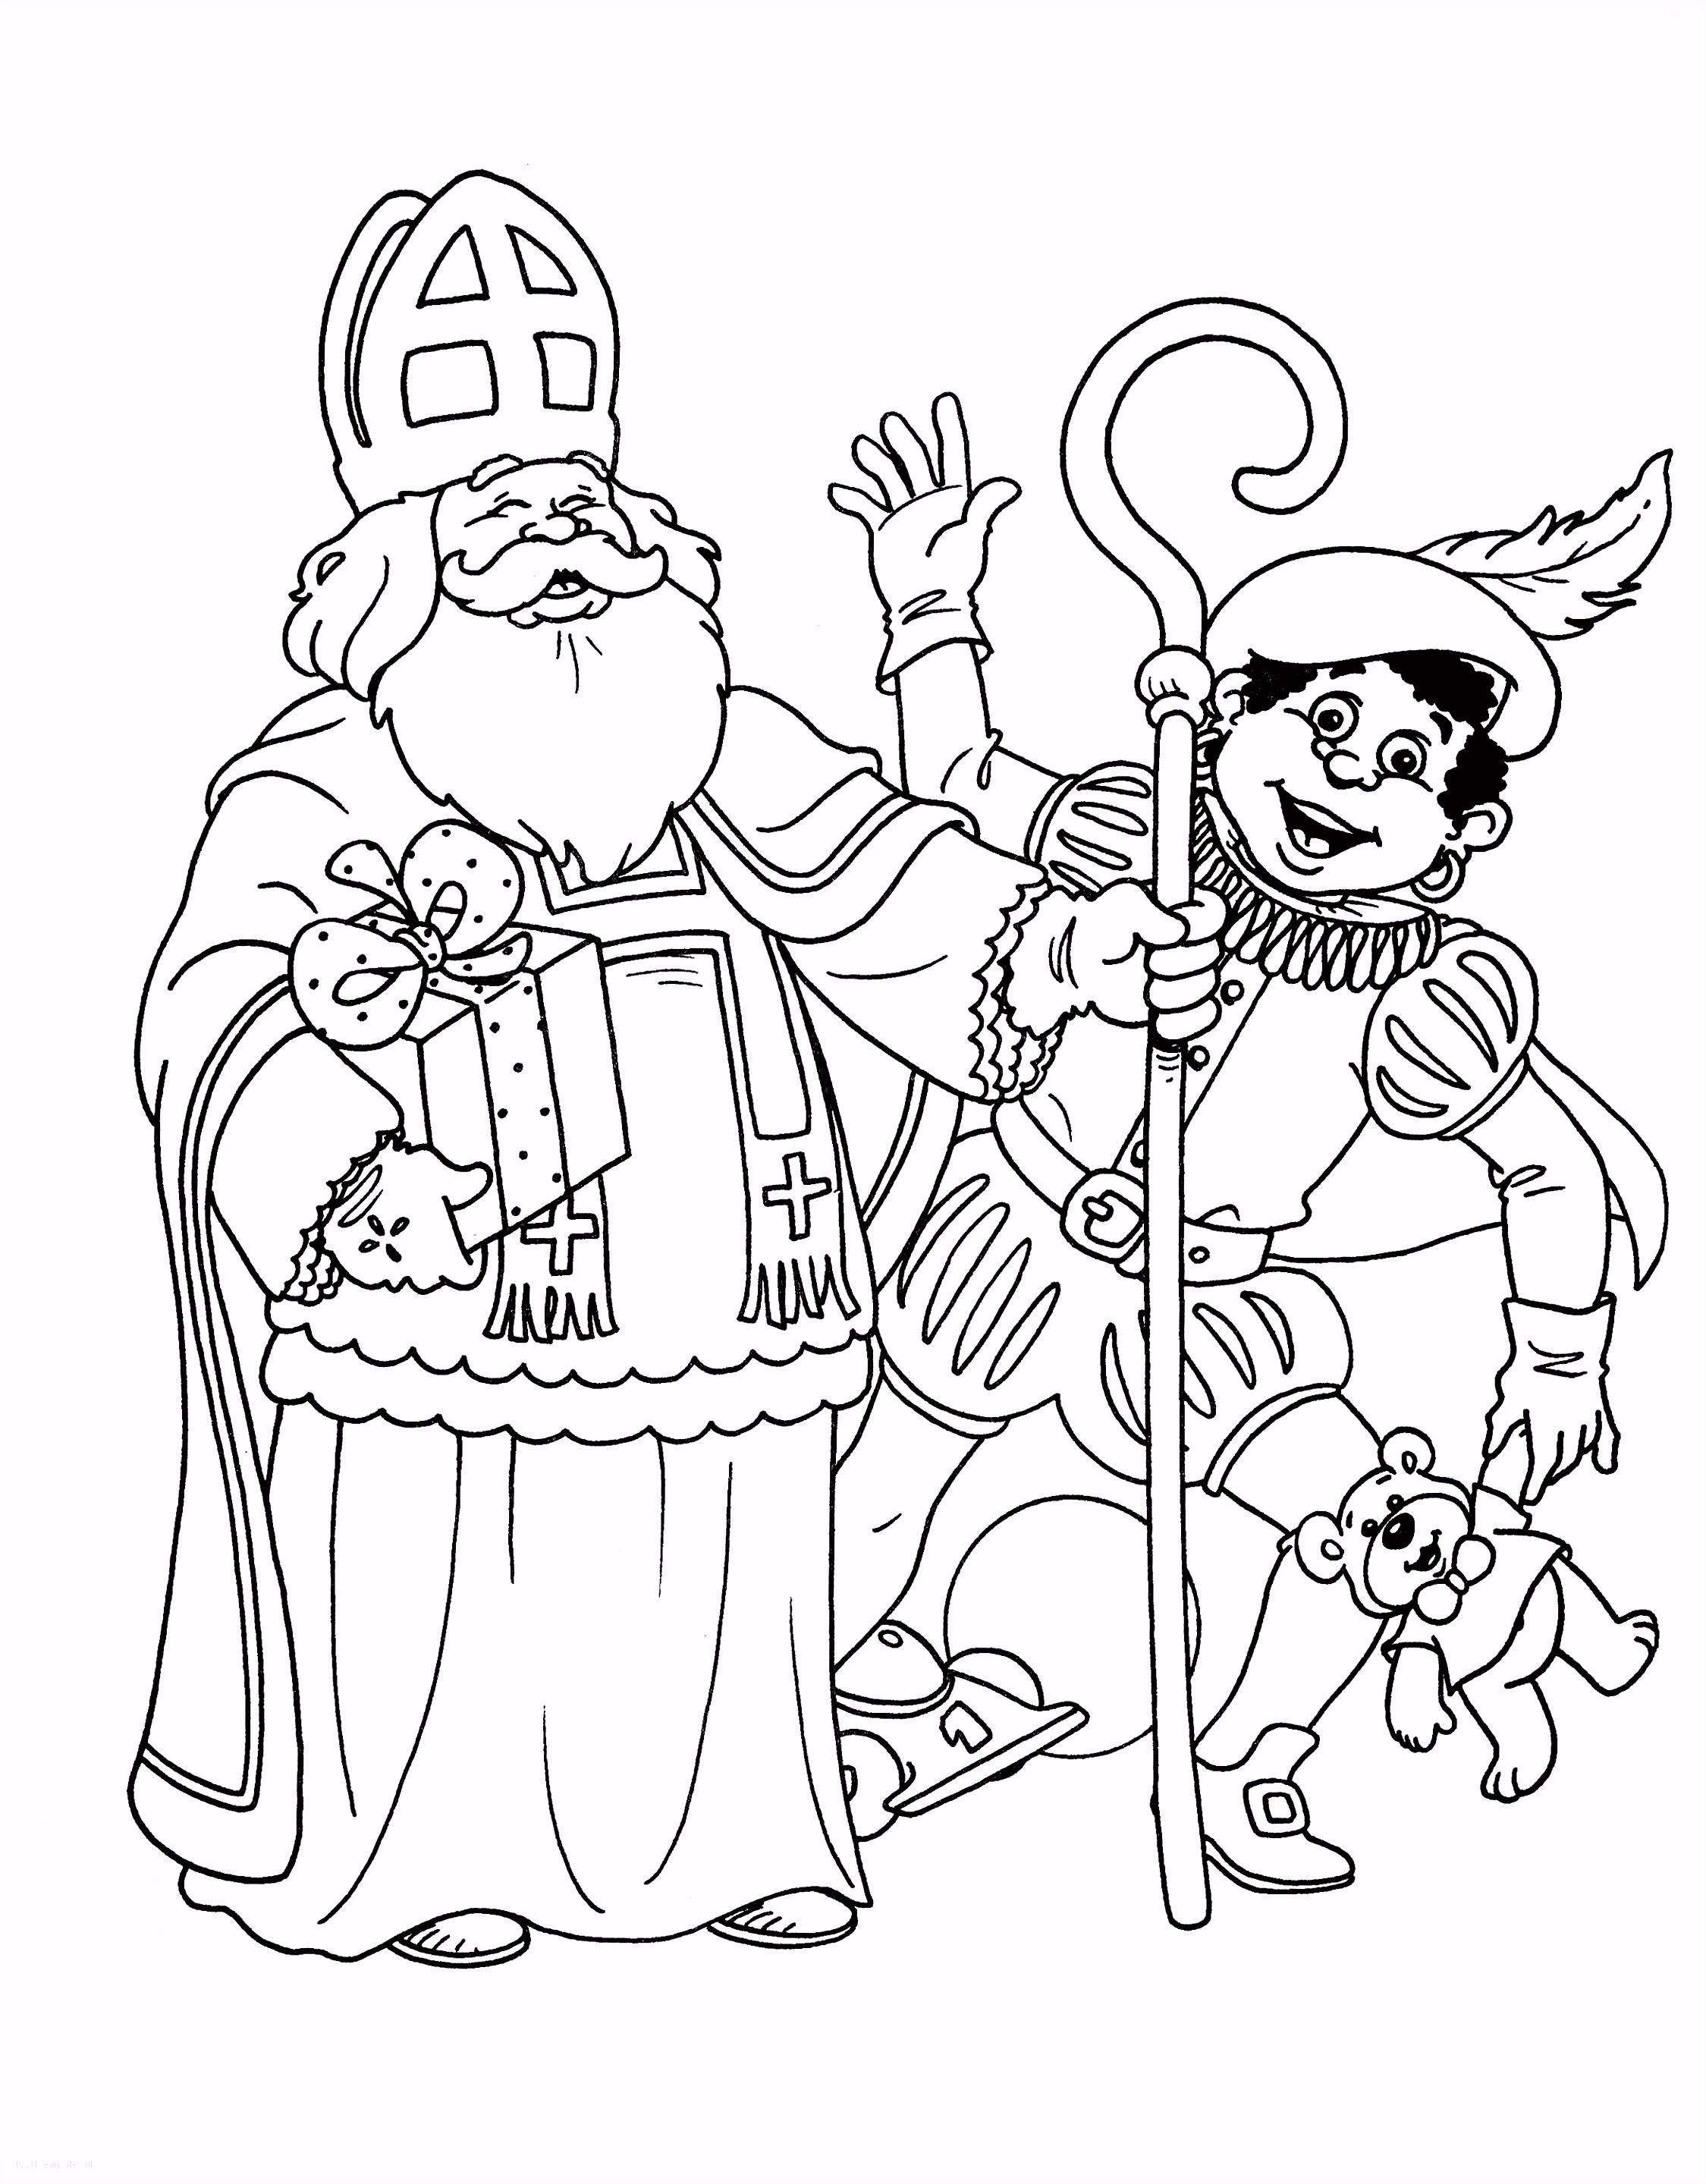 Kleurplaten Sinterklaas Op Zijn Paard.Kleurplaten Sinterklaas Op Zijn Paard Kleurplaat Sinterklaas Peuters